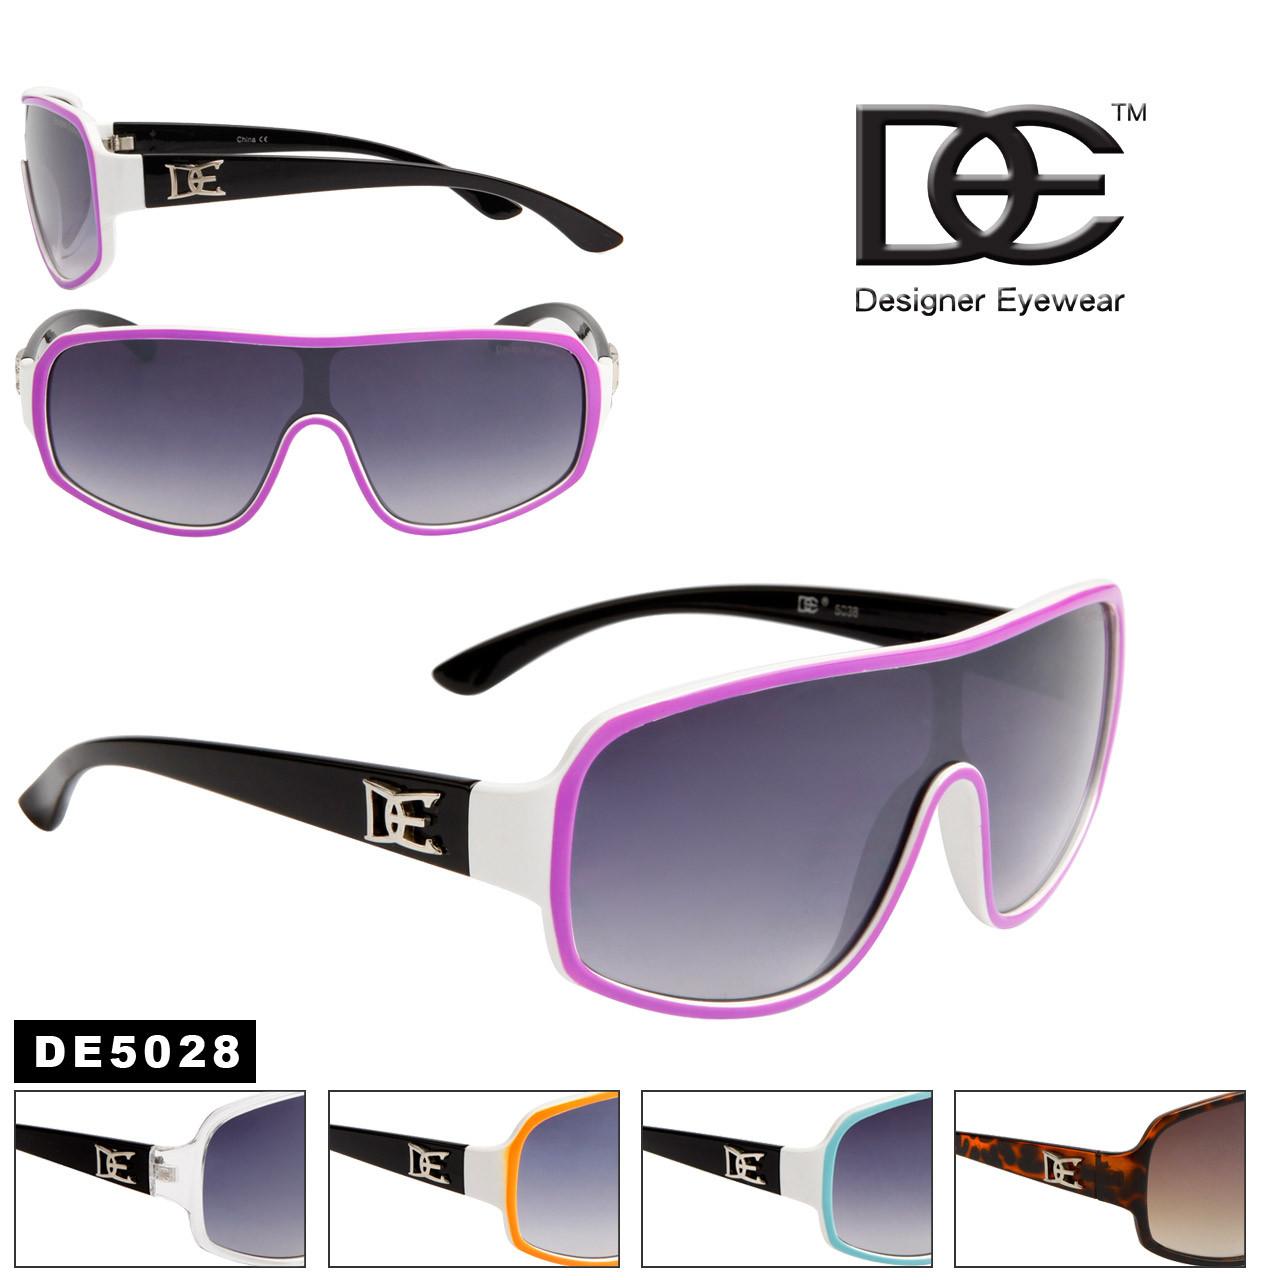 DE™ Unisex Wholesale Sunglasses - DE5028